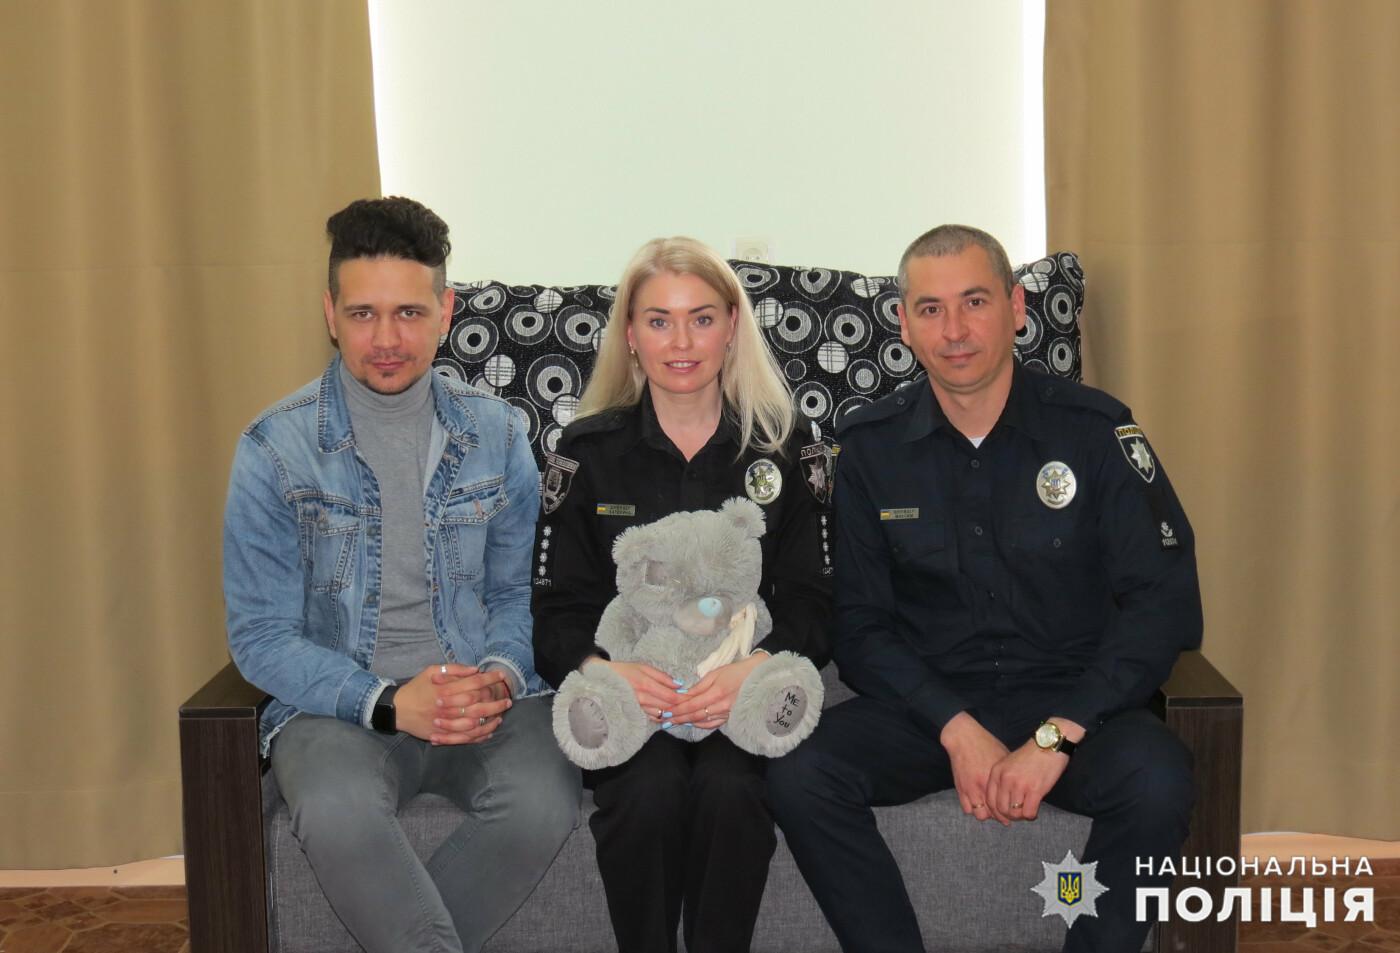 Дружківка: У відділенні поліції сьогодні відкрили «зелену» кімнату (ФОТО), фото-1